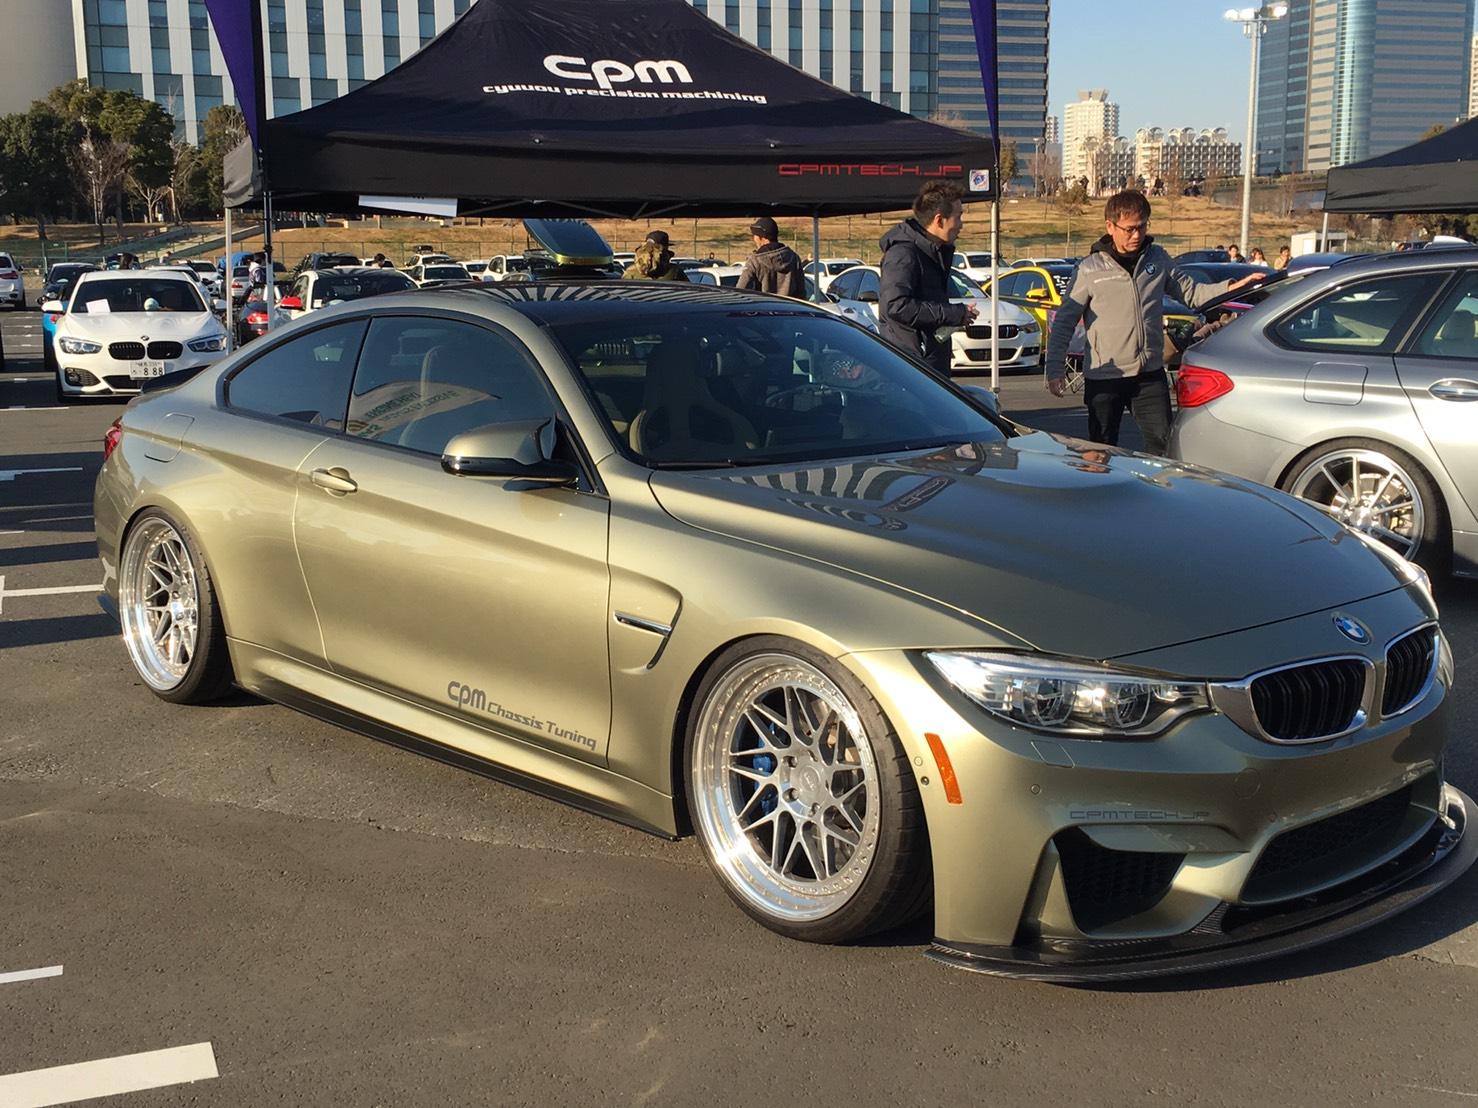 ハンズトレーディング、BMWファミリエ